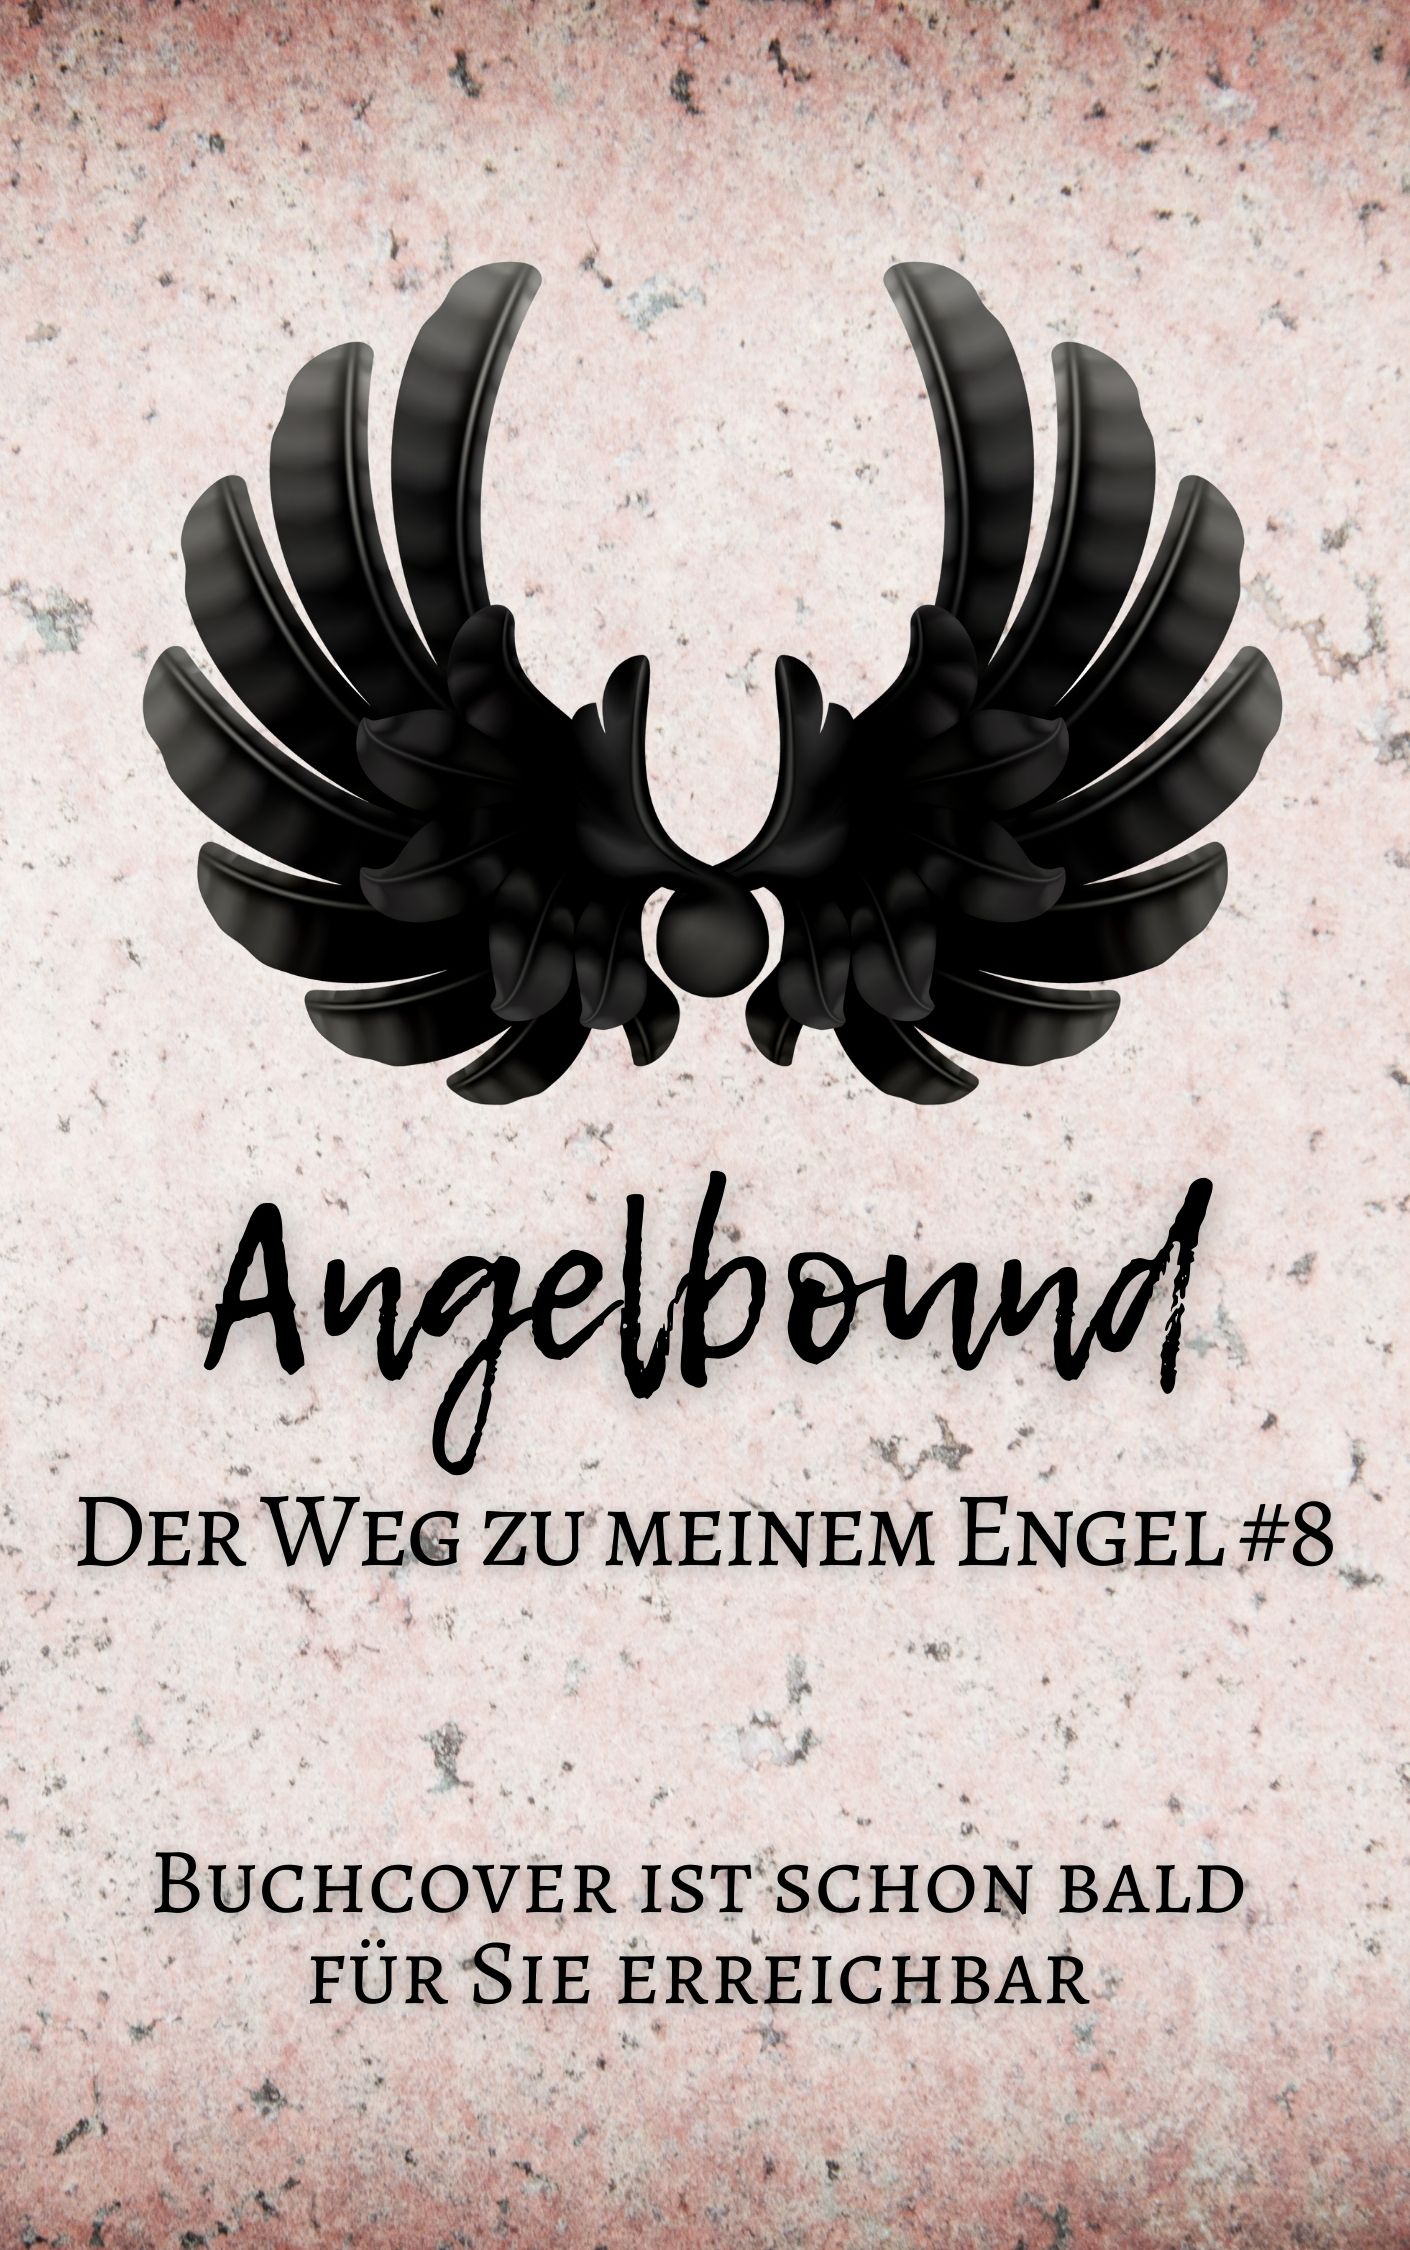 8 - angelbound